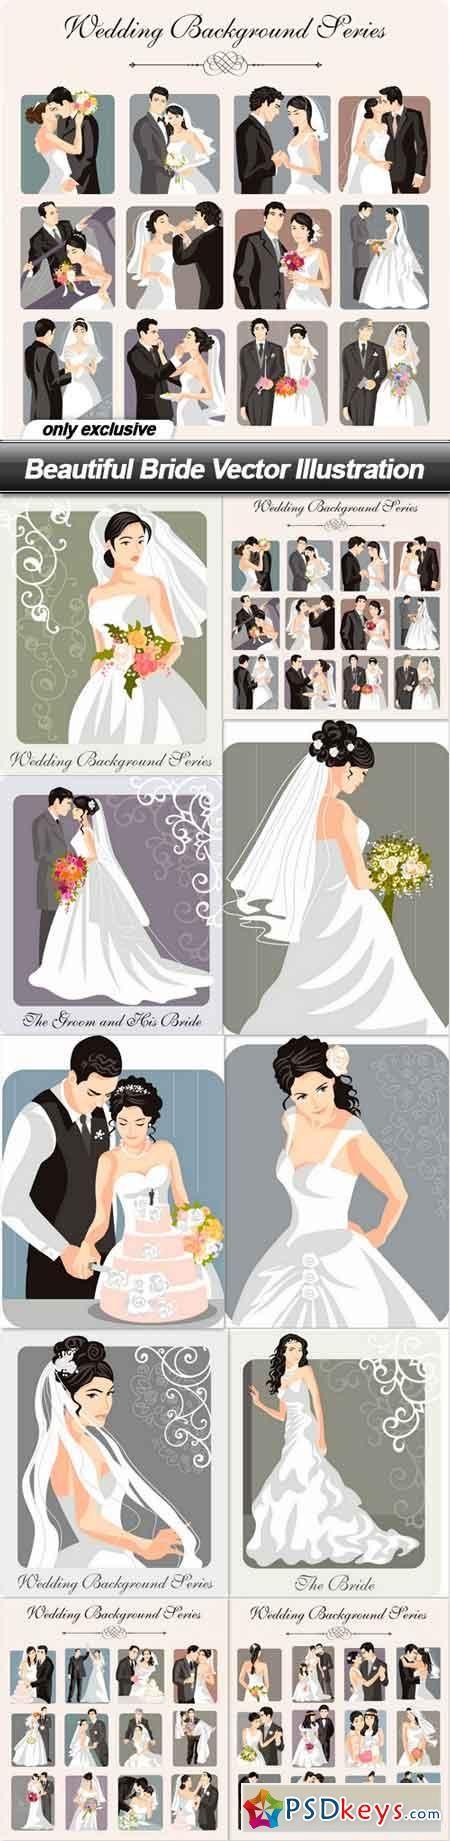 سكرابز صور زواج سكرابز عرسان للتصميم 2020 450 X 1841 67 Free Clip Art Stock Photos Design